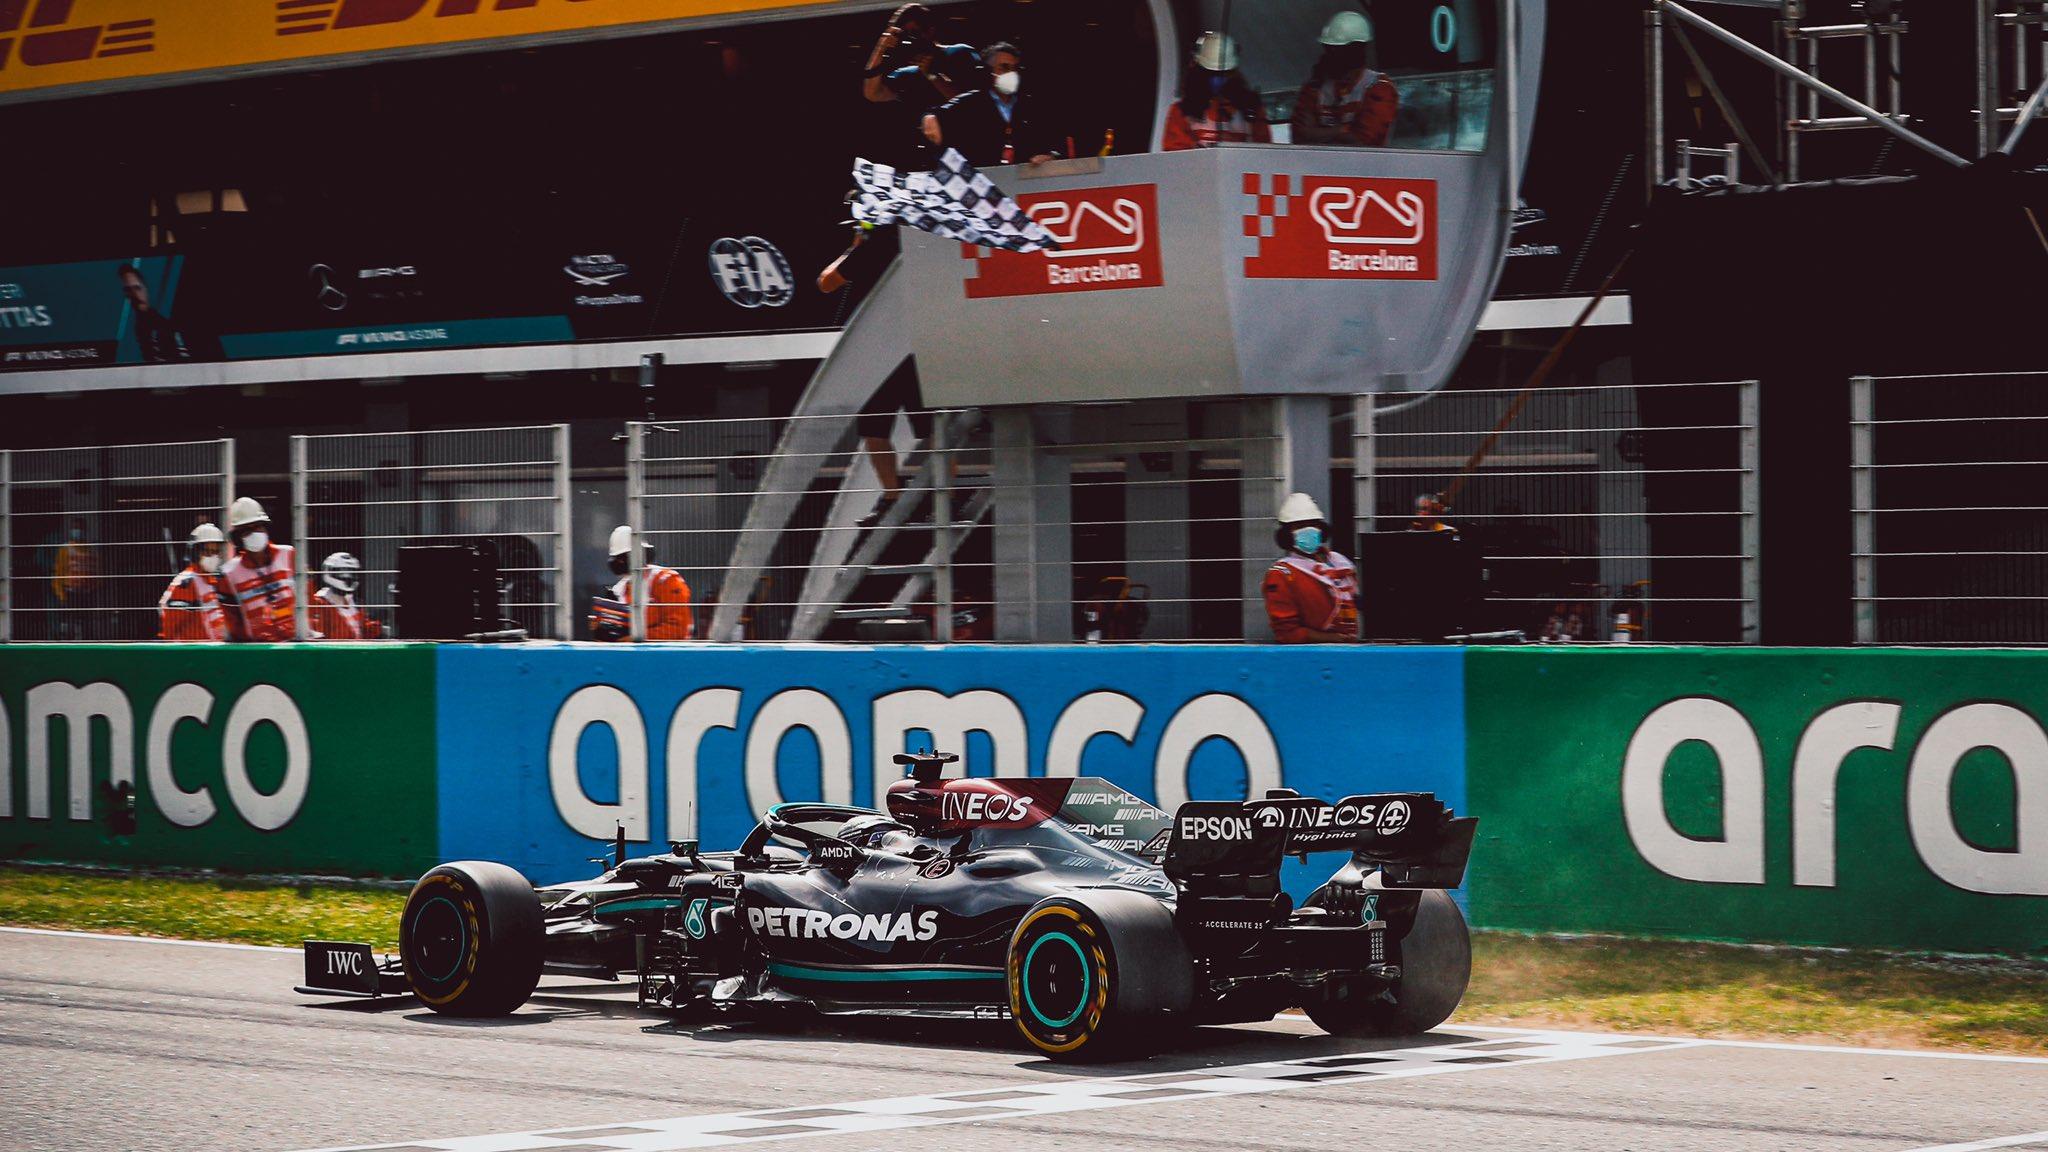 Une stratégie brillante qui permet à Hamilton de gagner